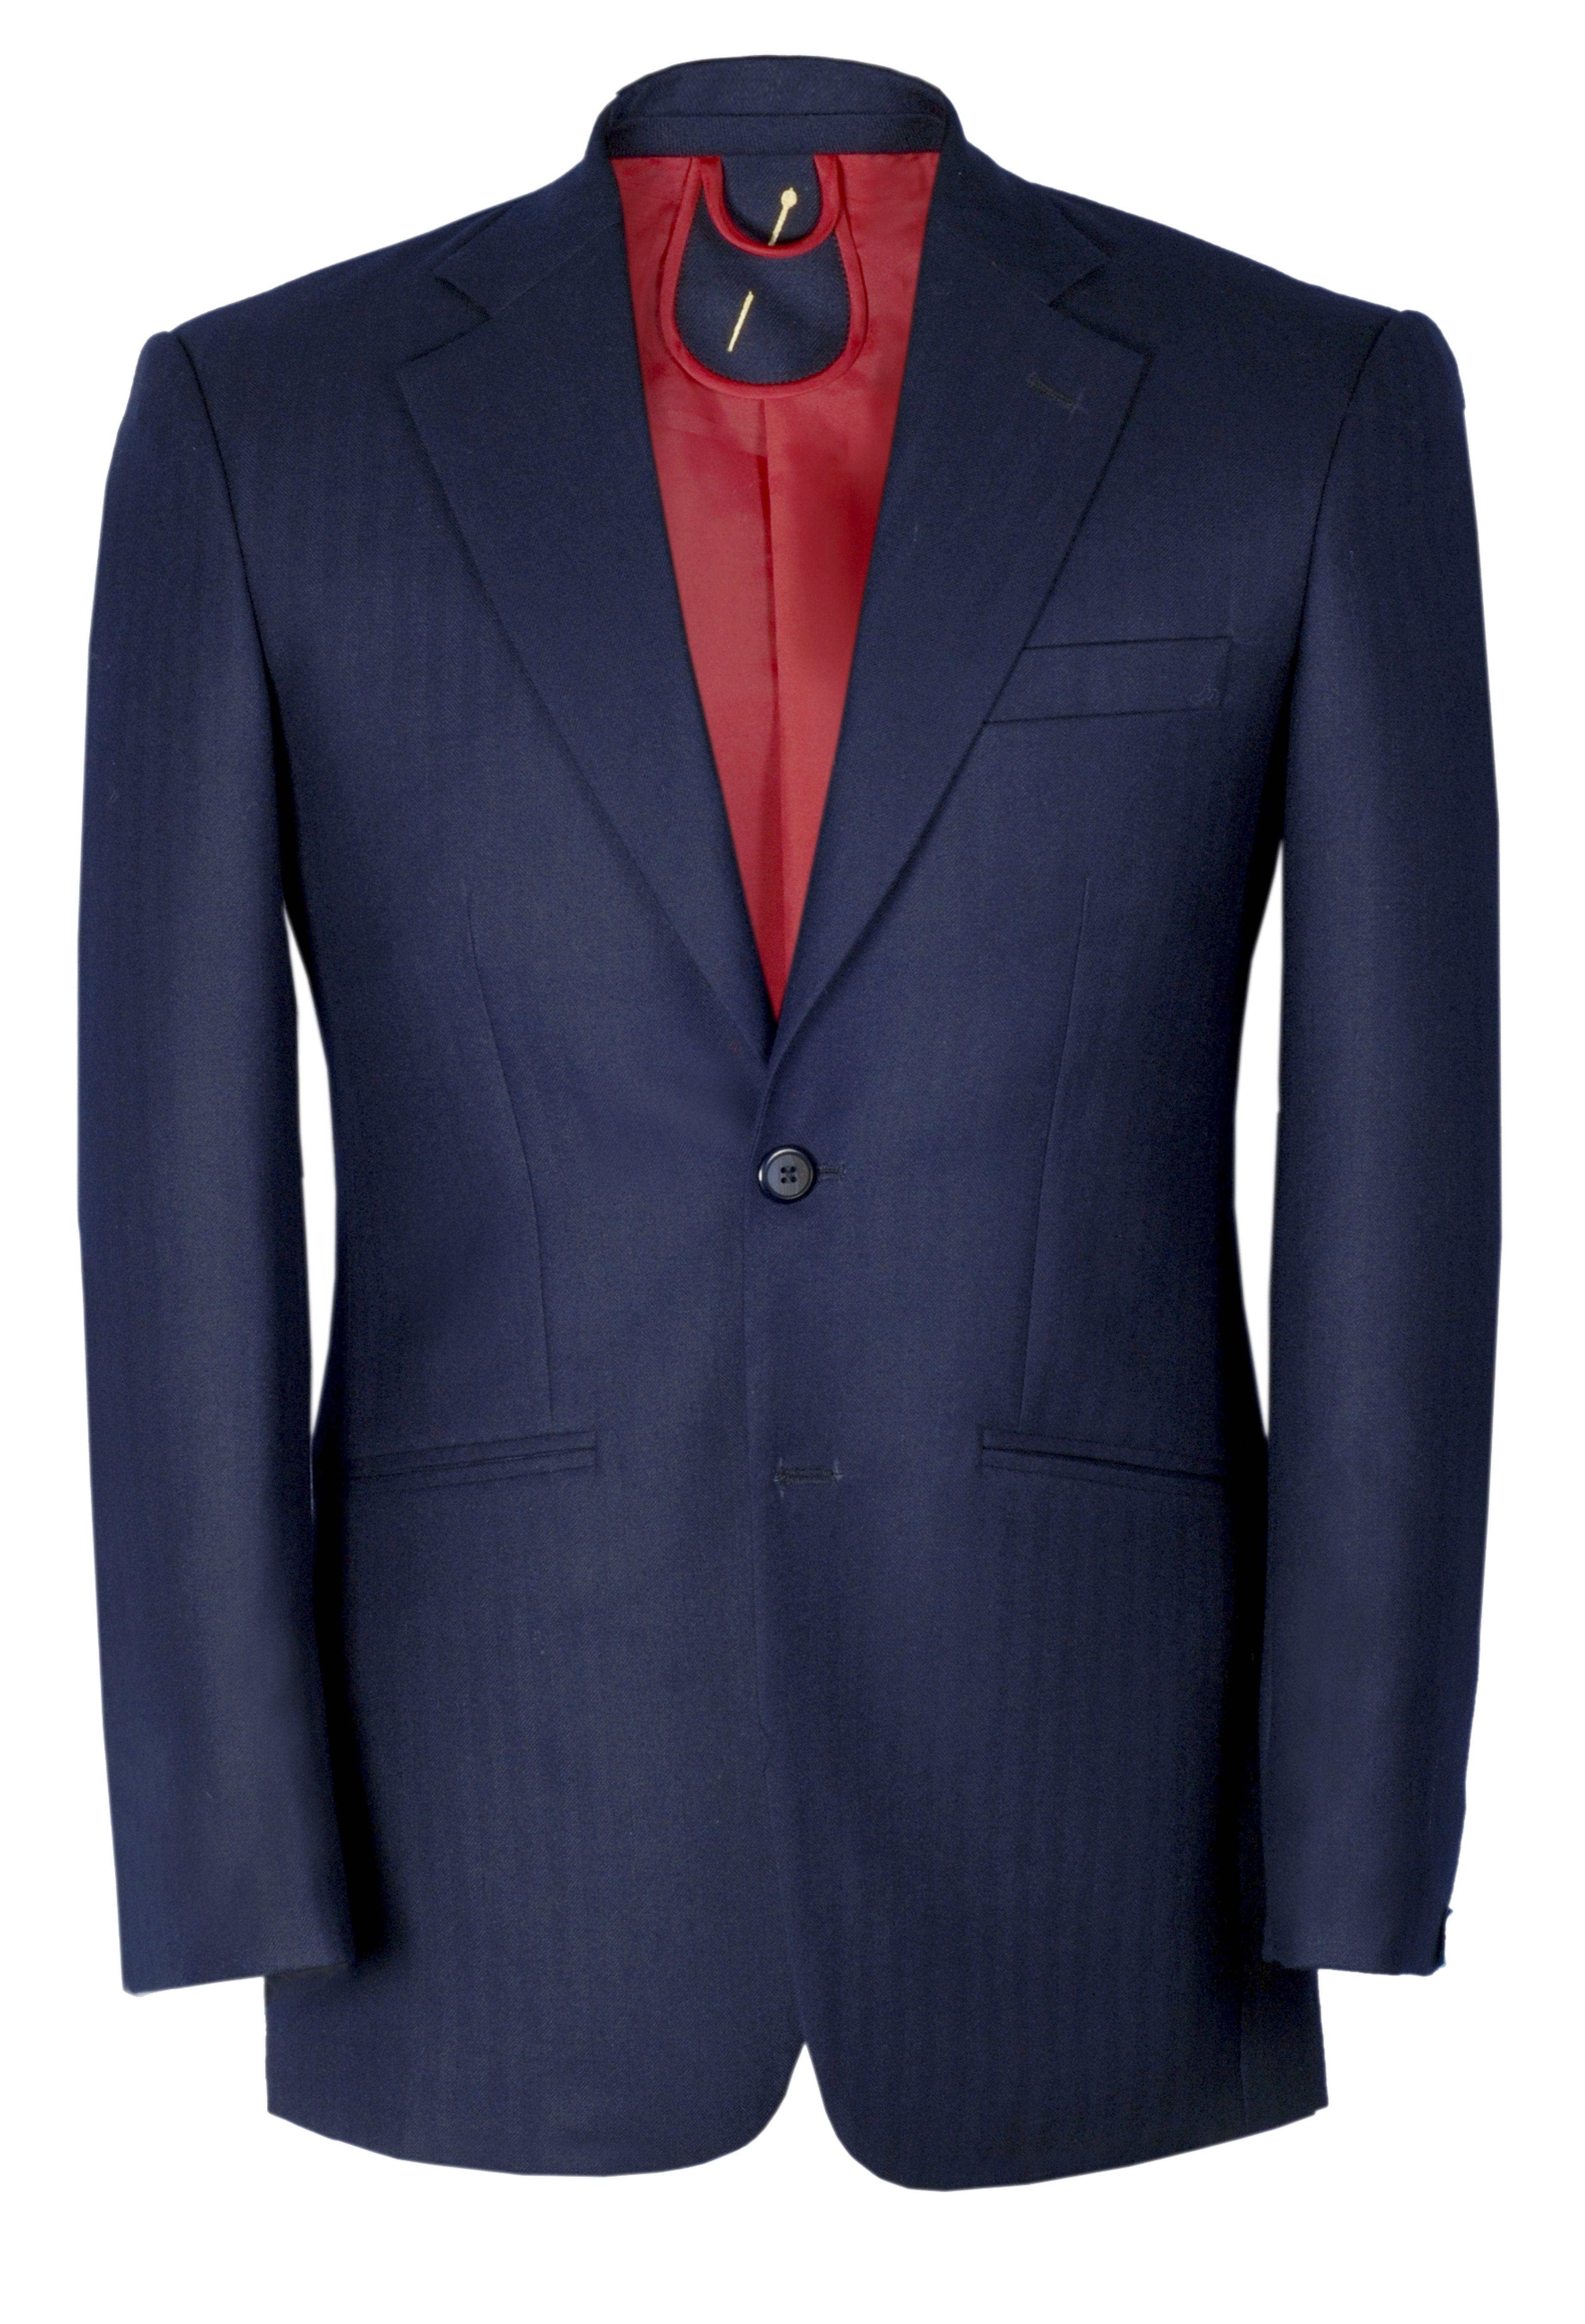 A Suit That Fits jacket